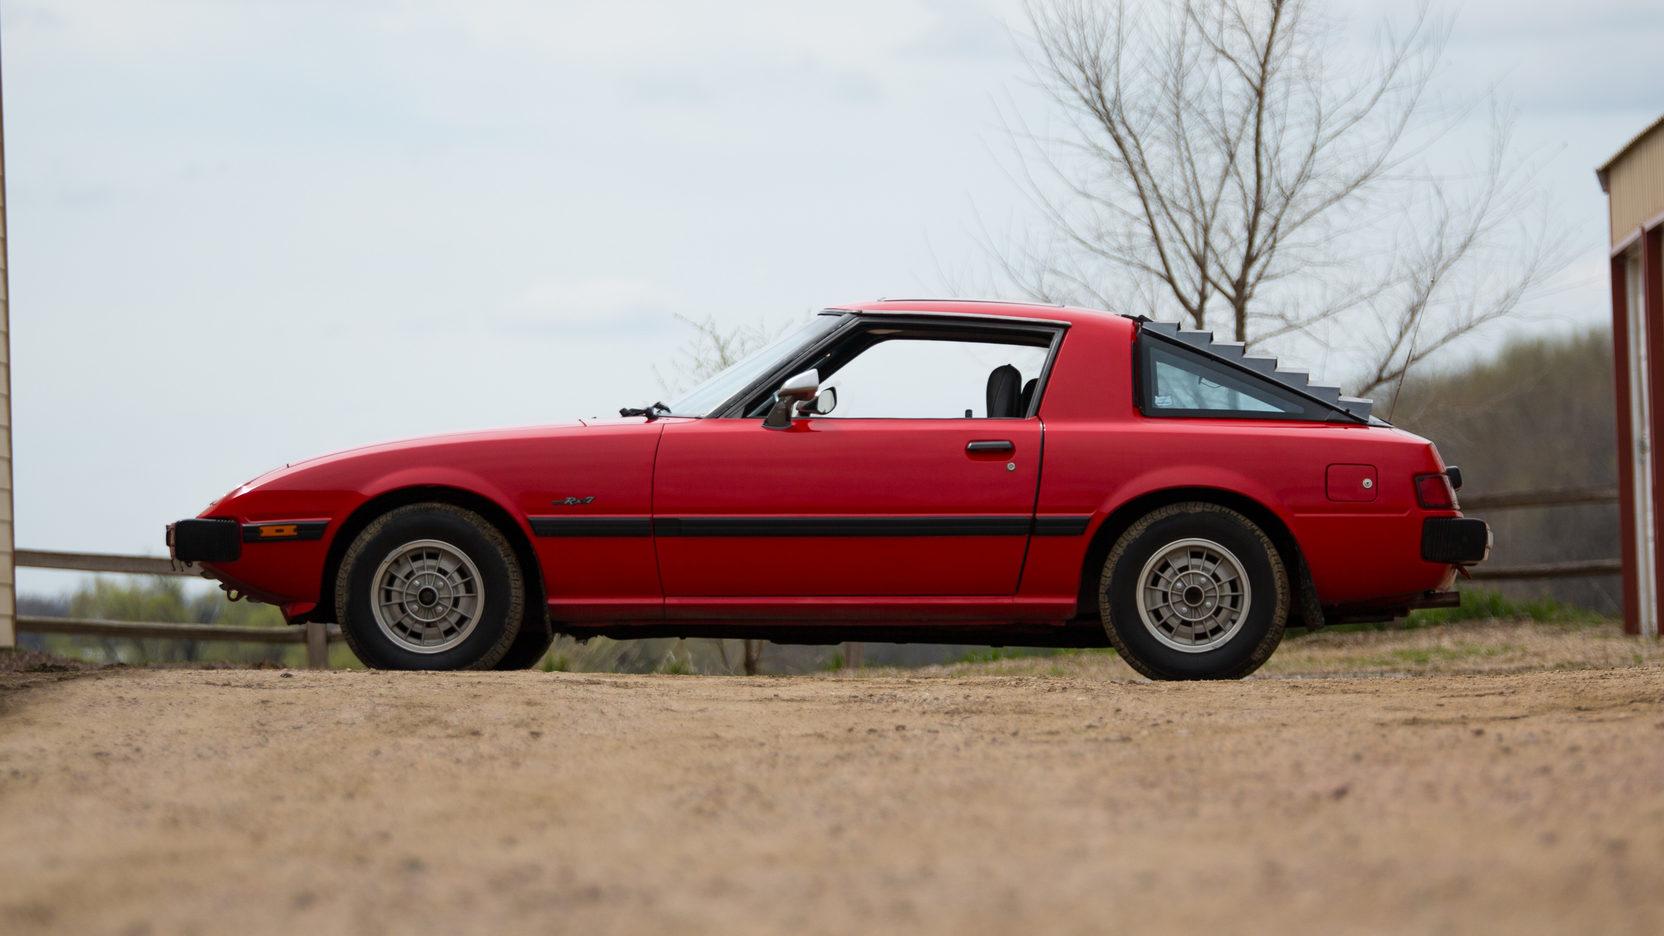 1979 Mazda RX-7 side profile